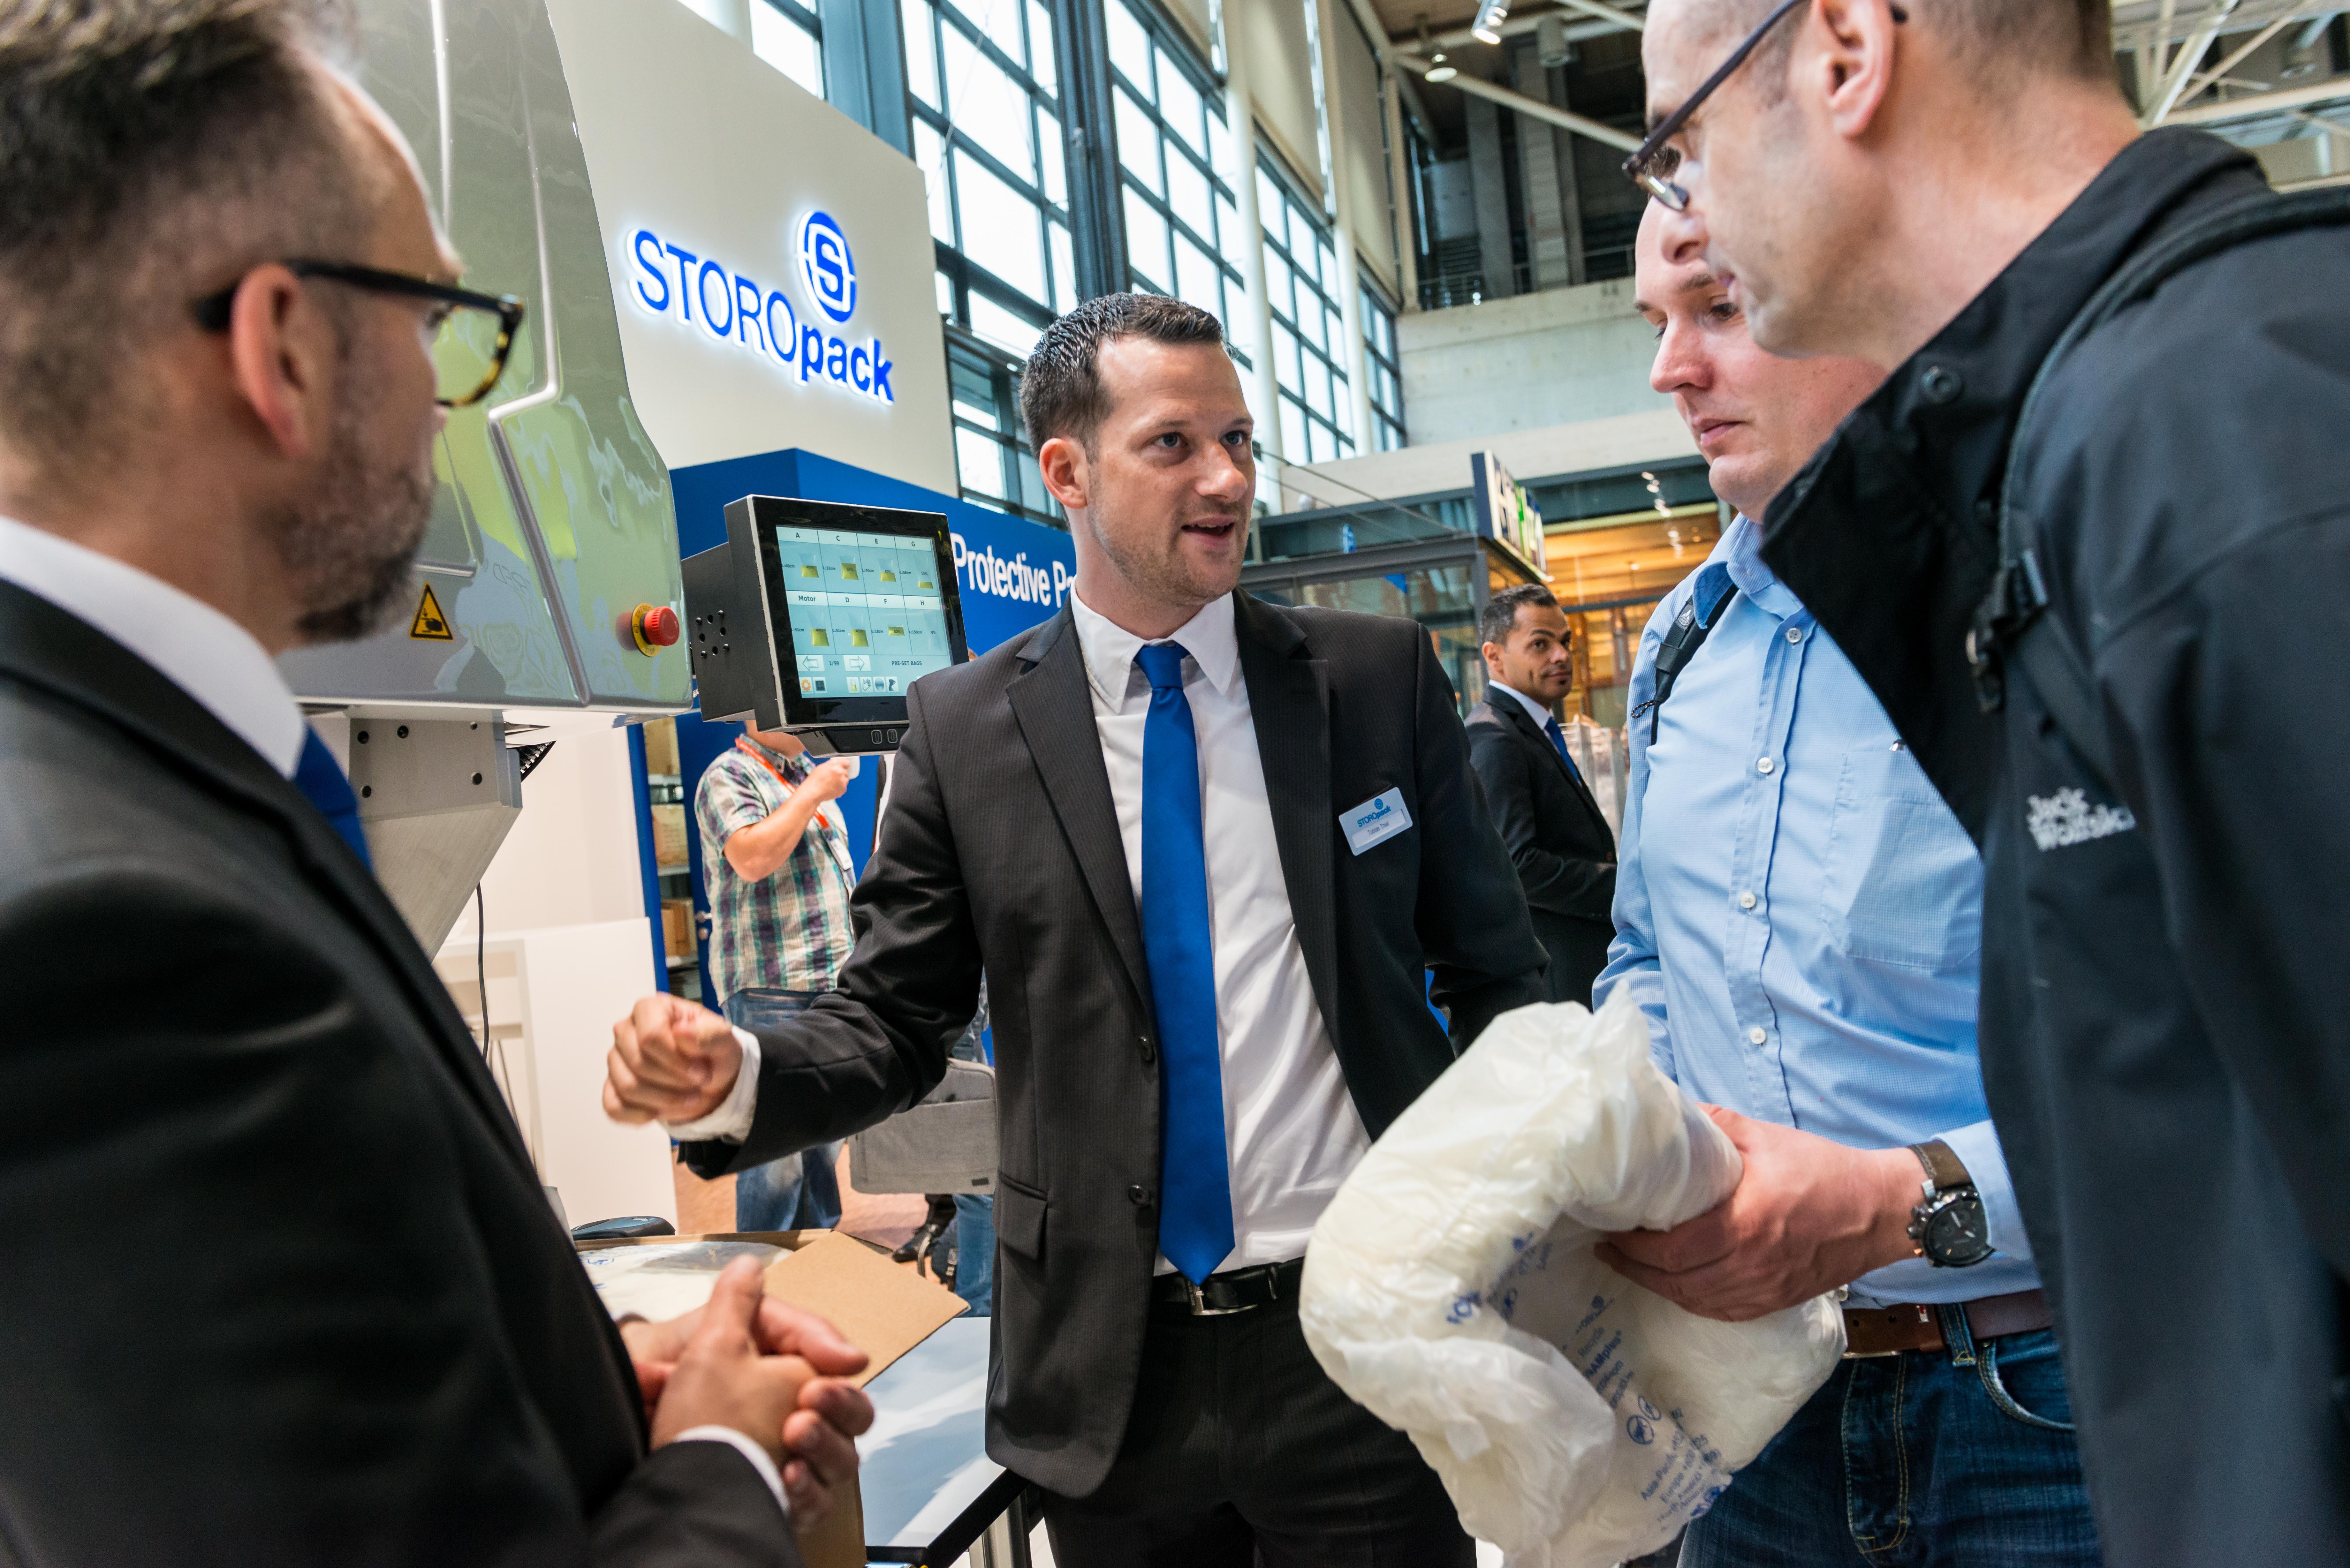 Tobias Thiel, Sales Representative FOAMplus® bei Storopack, veranschaulicht interessierten Messebesuchern die Vorteile des leistungsstarken FOAMplus® Bag Packer². Bild: Storopack